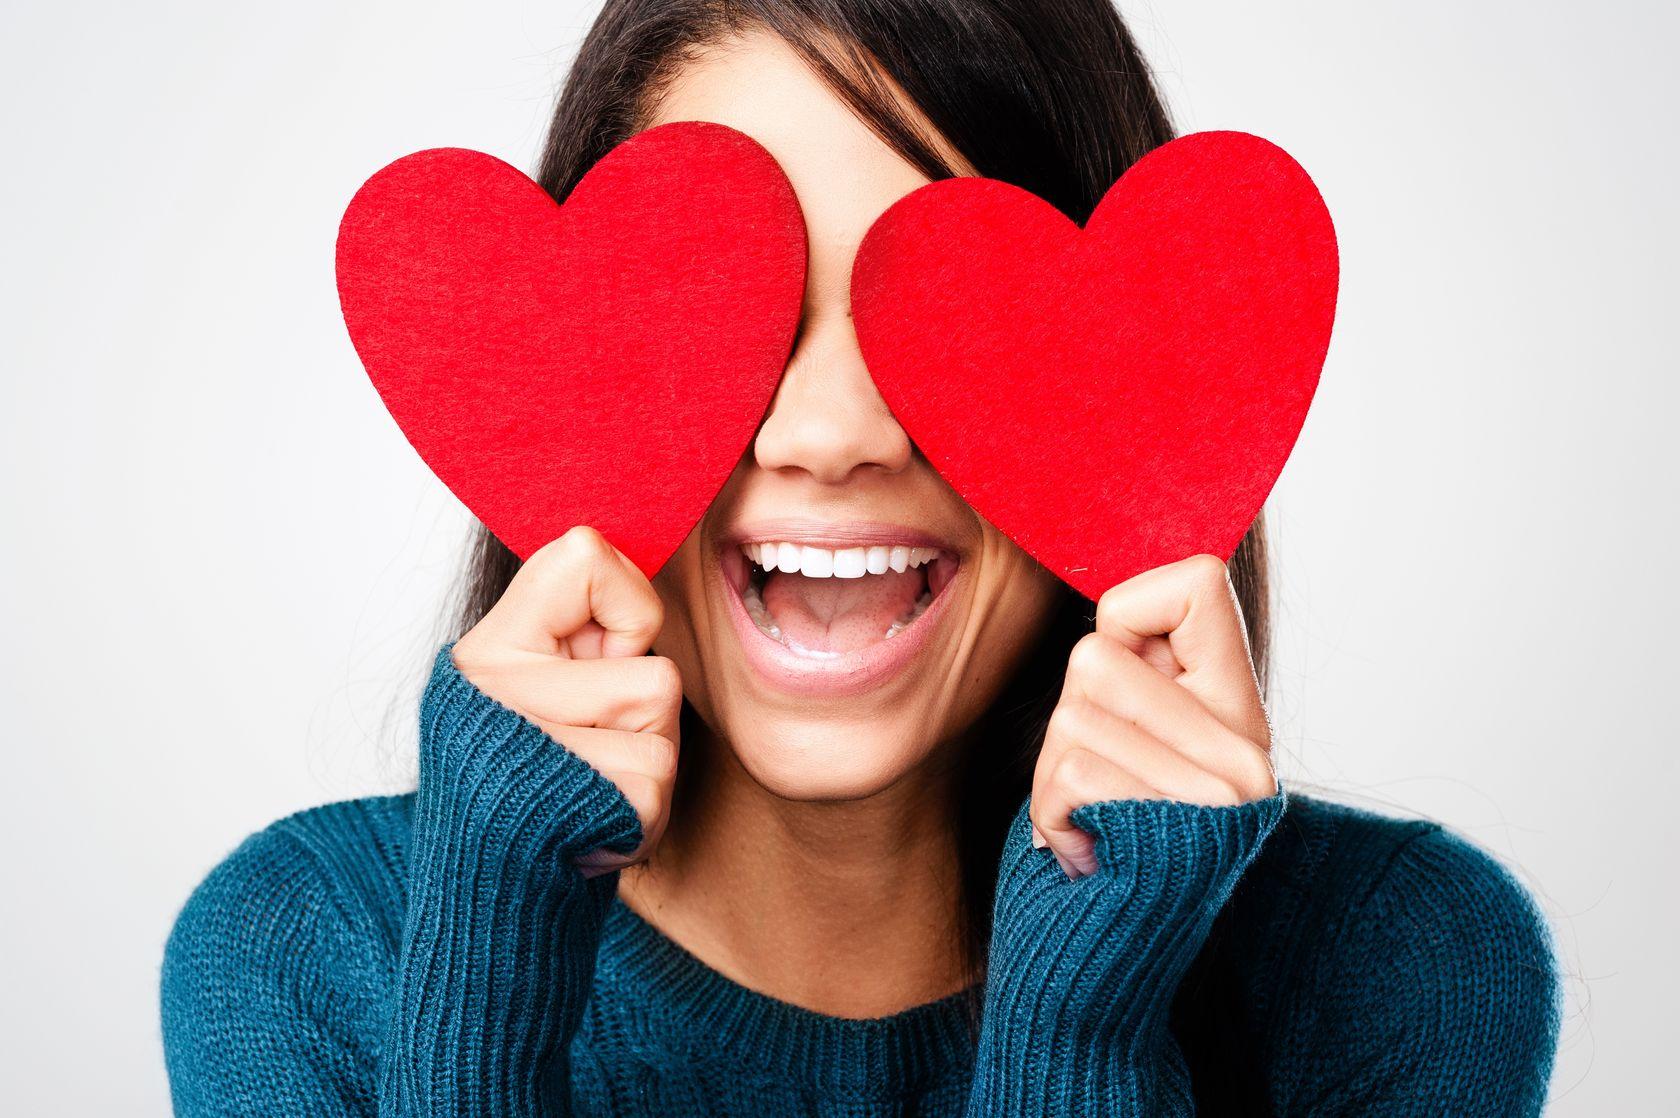 恋愛におけるあげまんとさげまんの違いはこれだ!あなたはどっち?